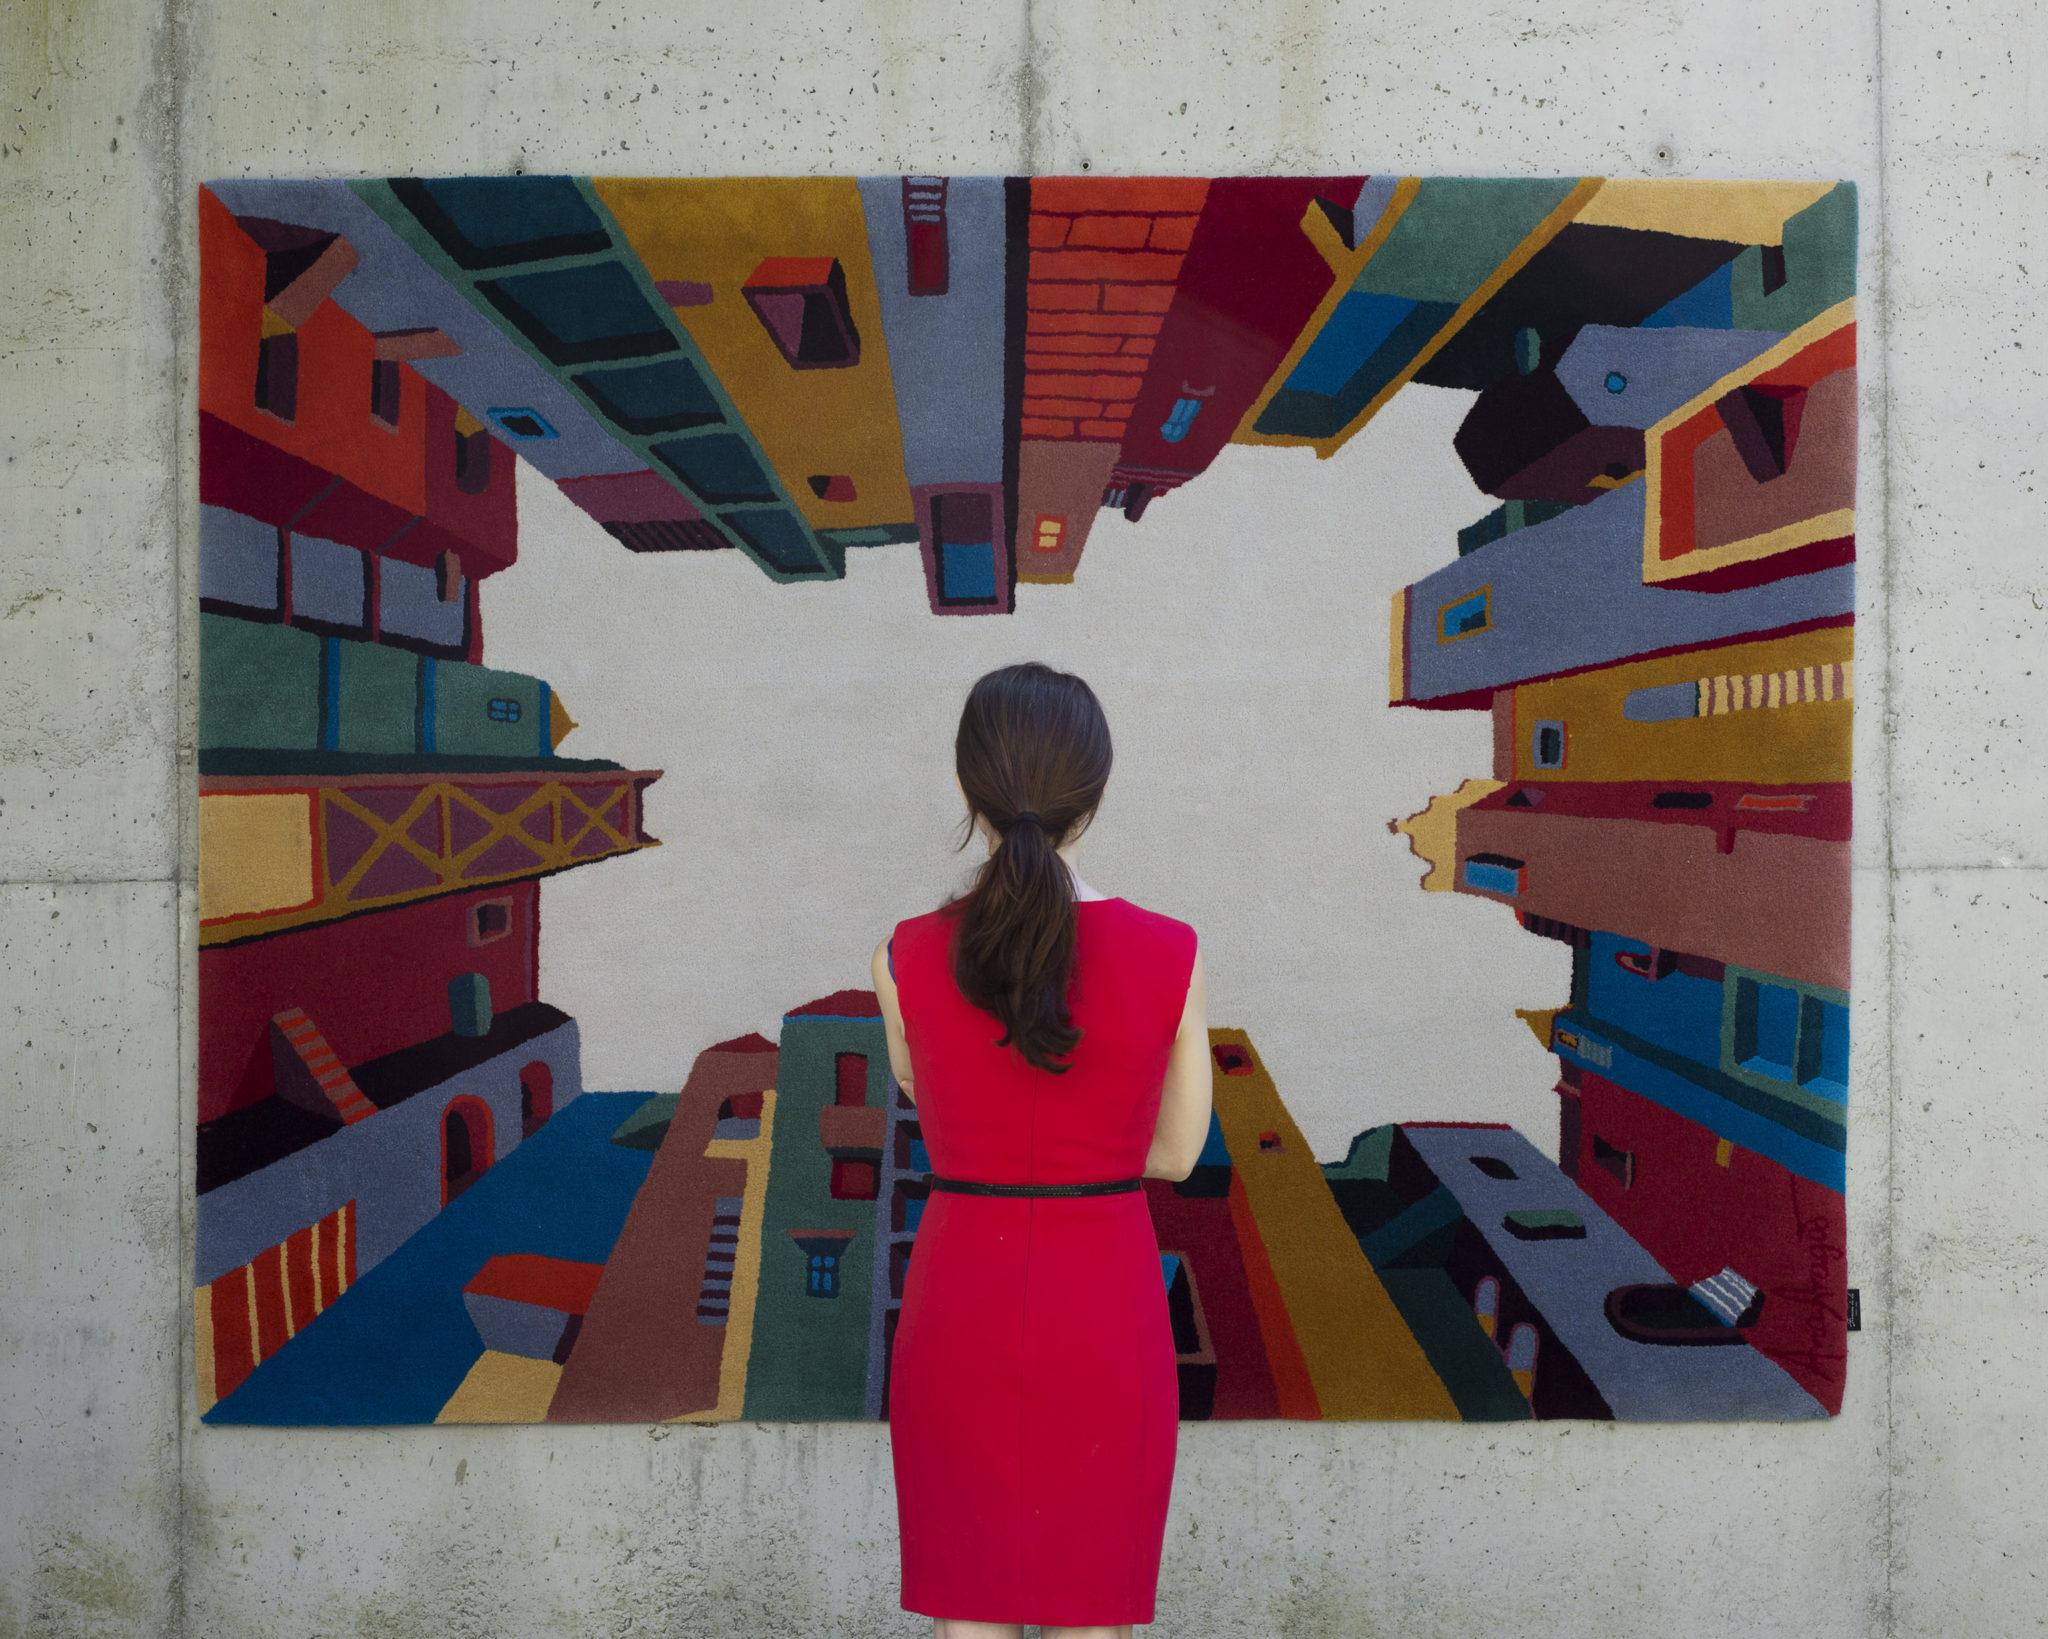 """Exposição   """"Vertical reclamation of individual spaces"""" é inaugurada amanhã"""